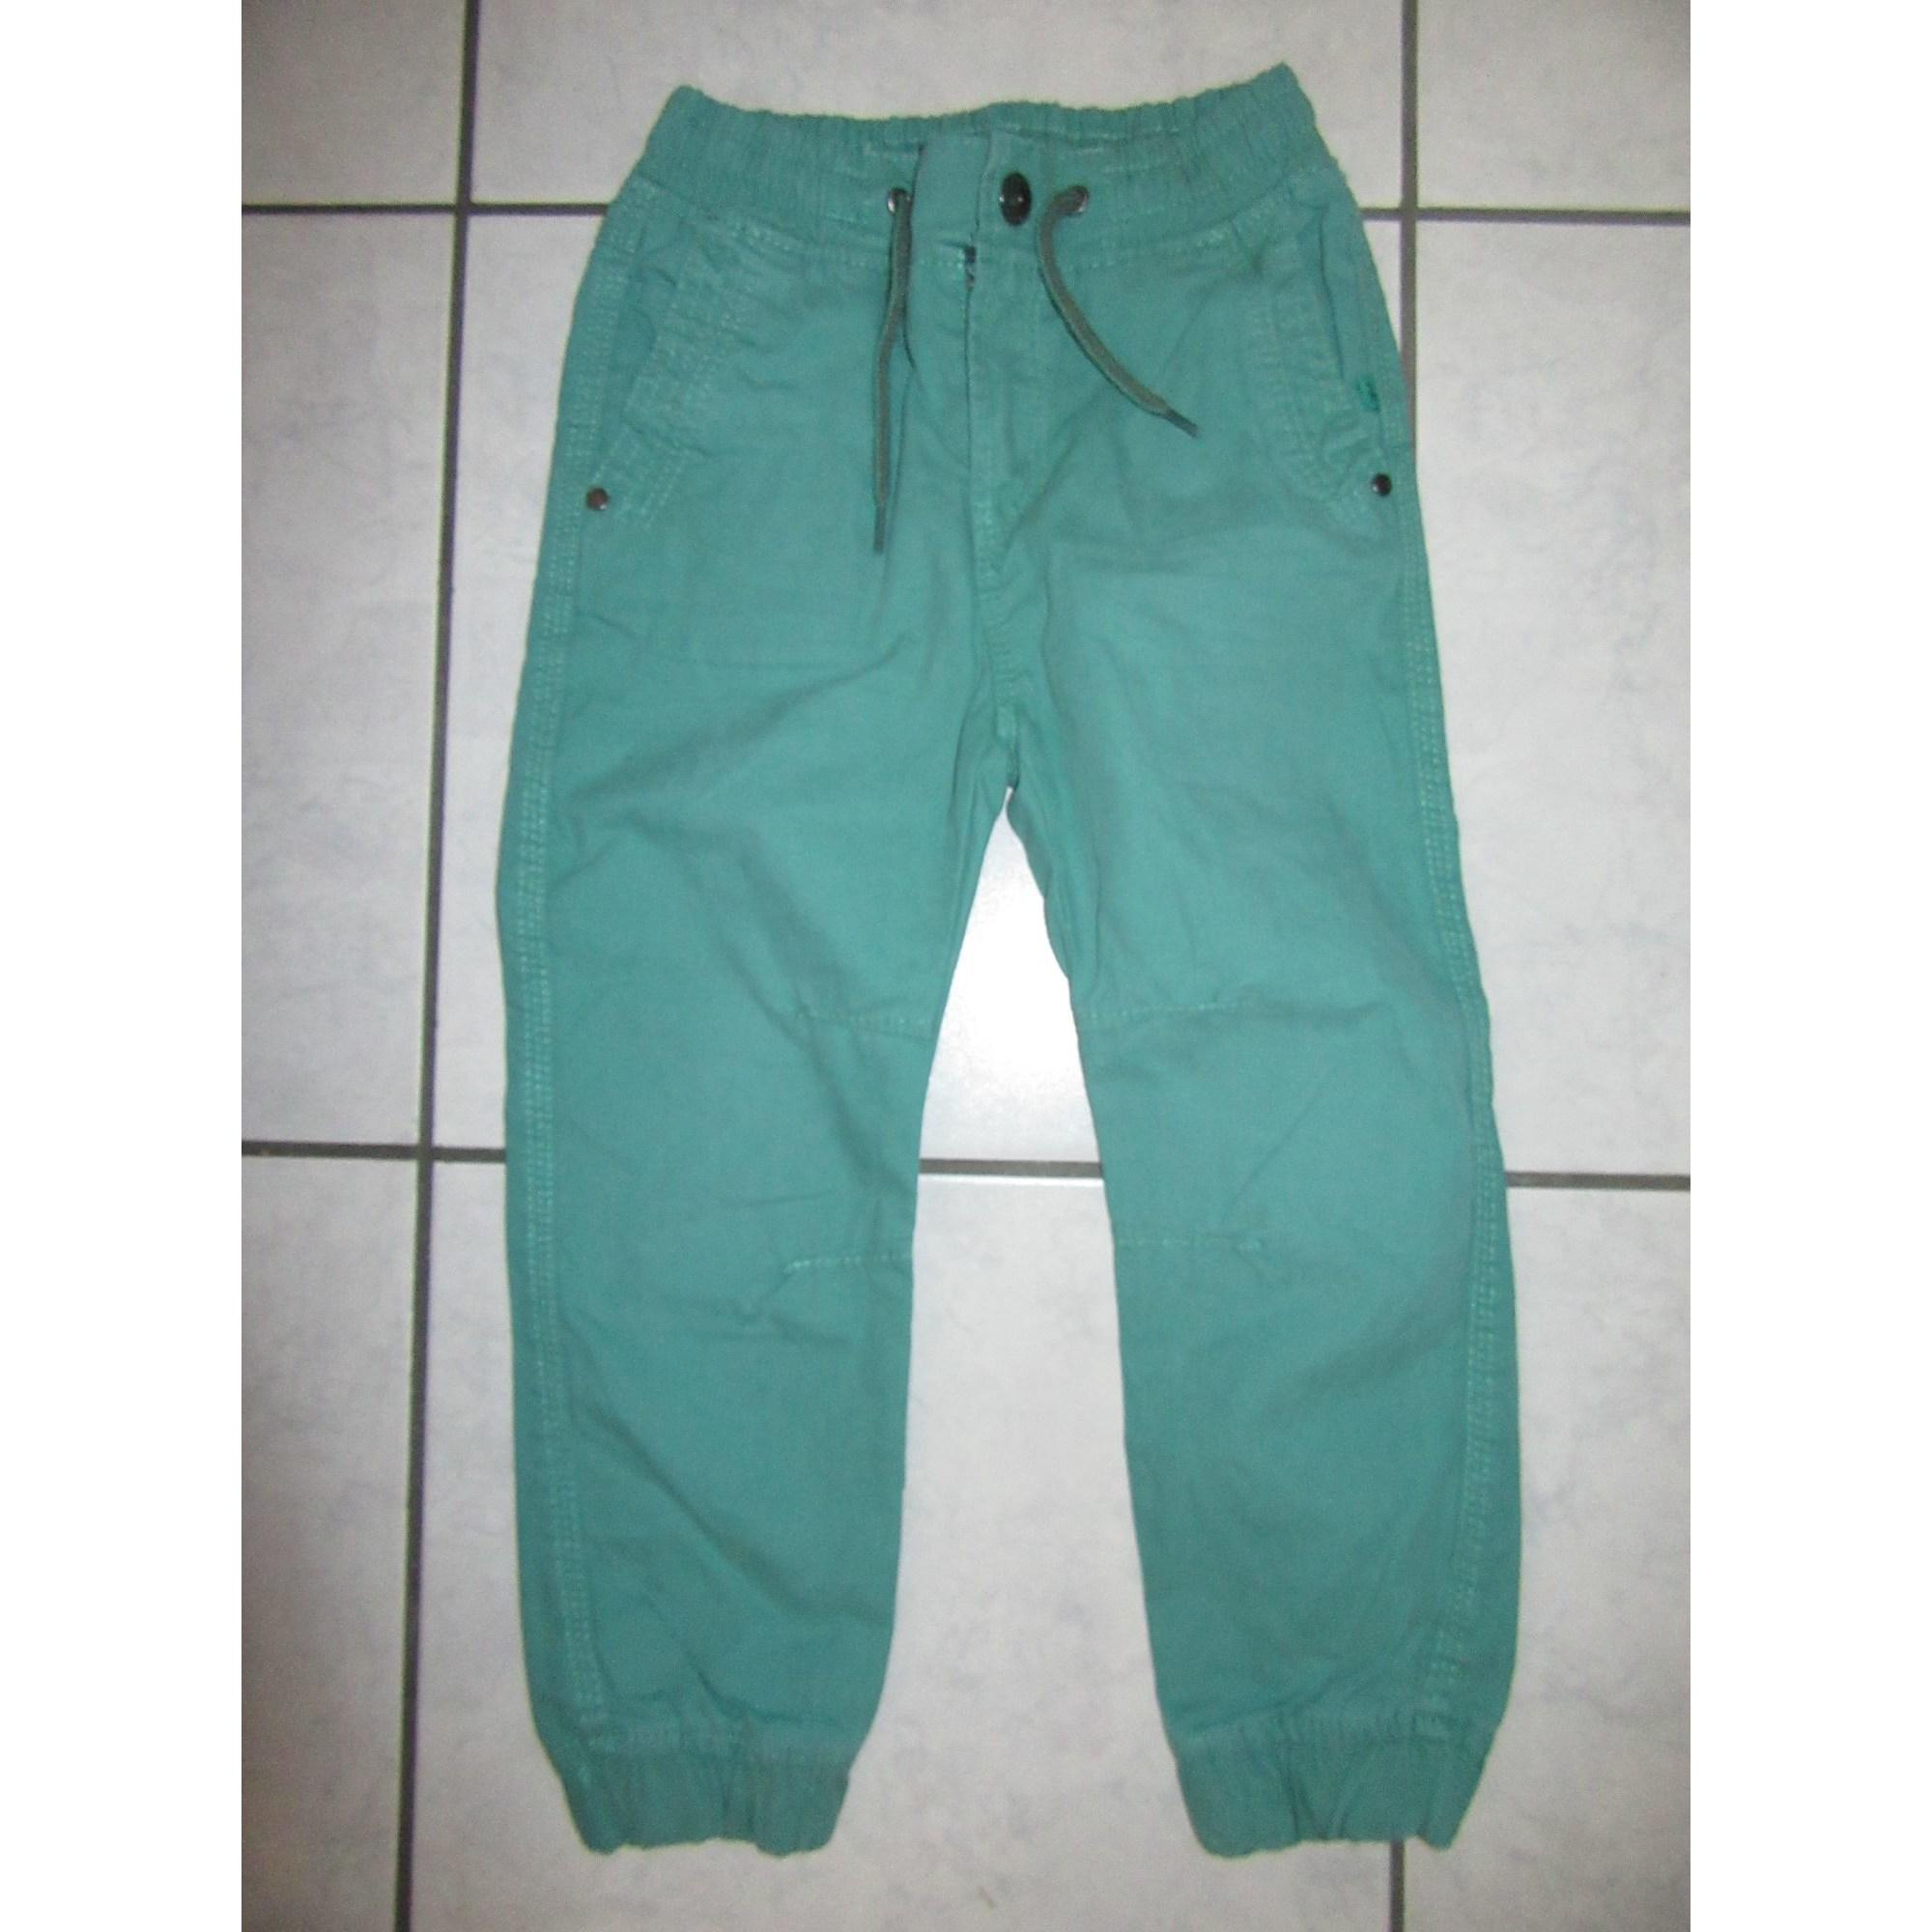 Pantalon OKAÏDI Vert